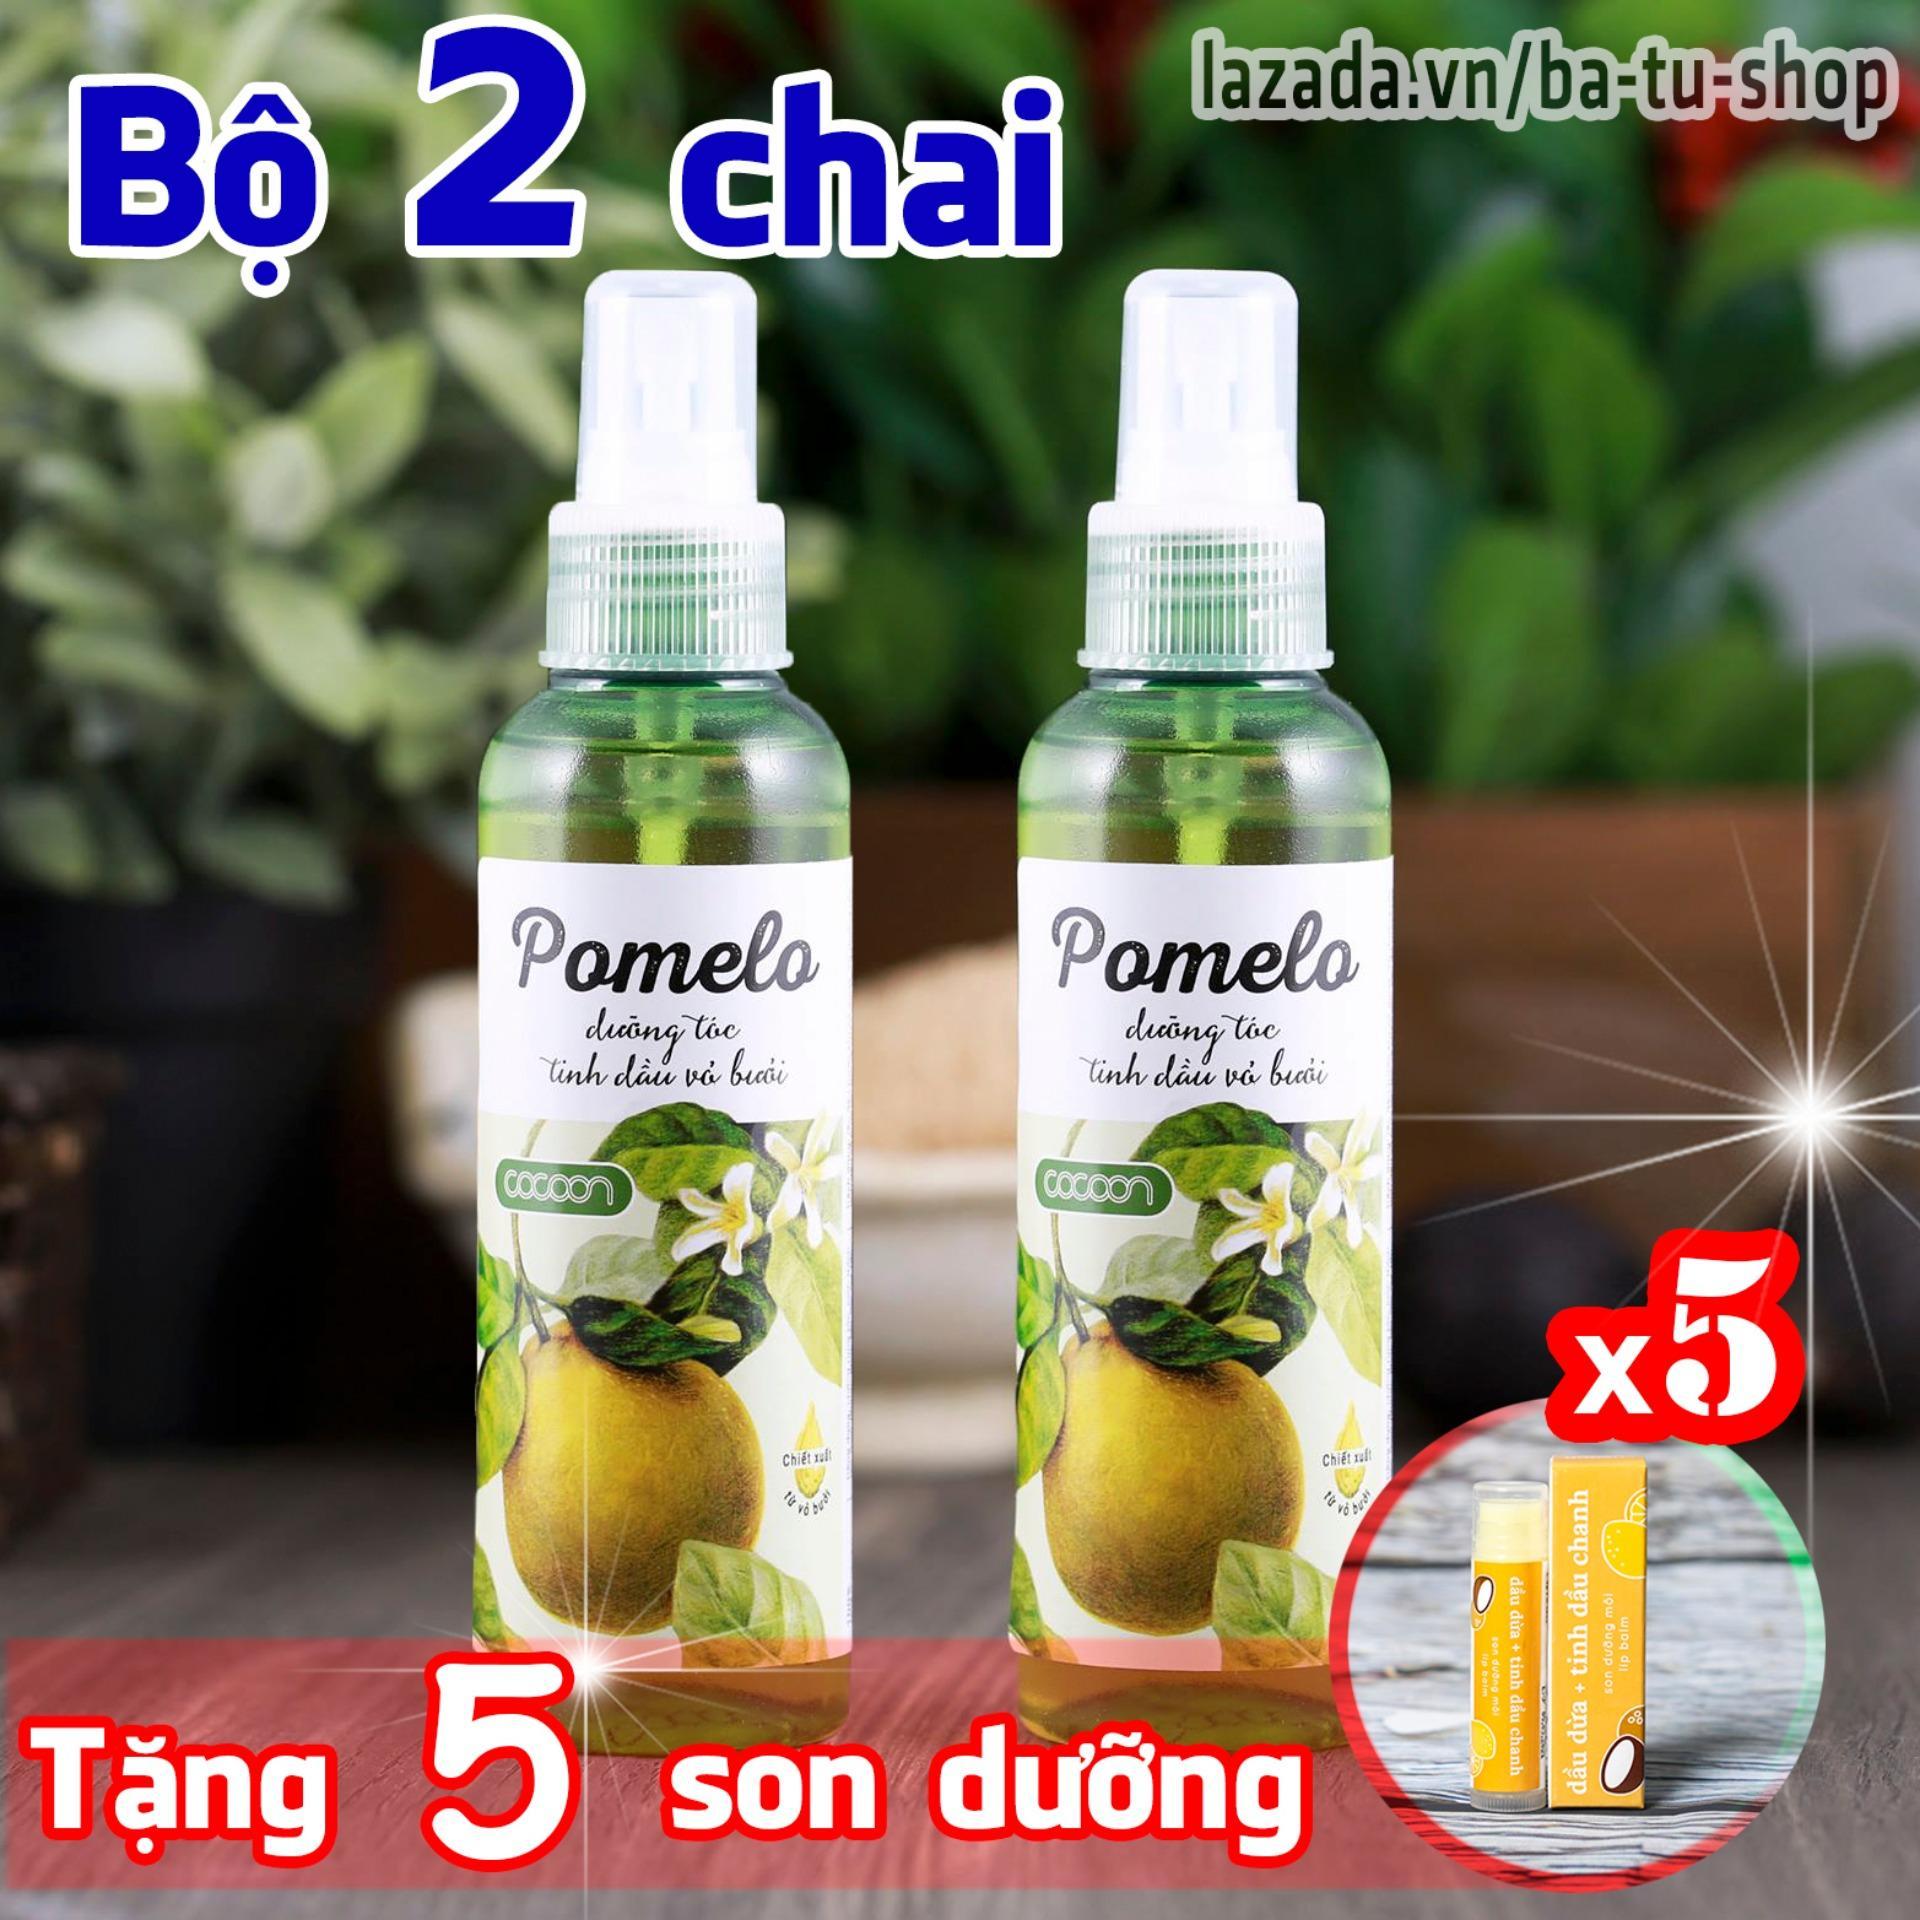 Hình ảnh Bộ 2 chai Cocoon tinh dầu bưởi pomelo quà tặng 5 son dưỡng môi Lip Care